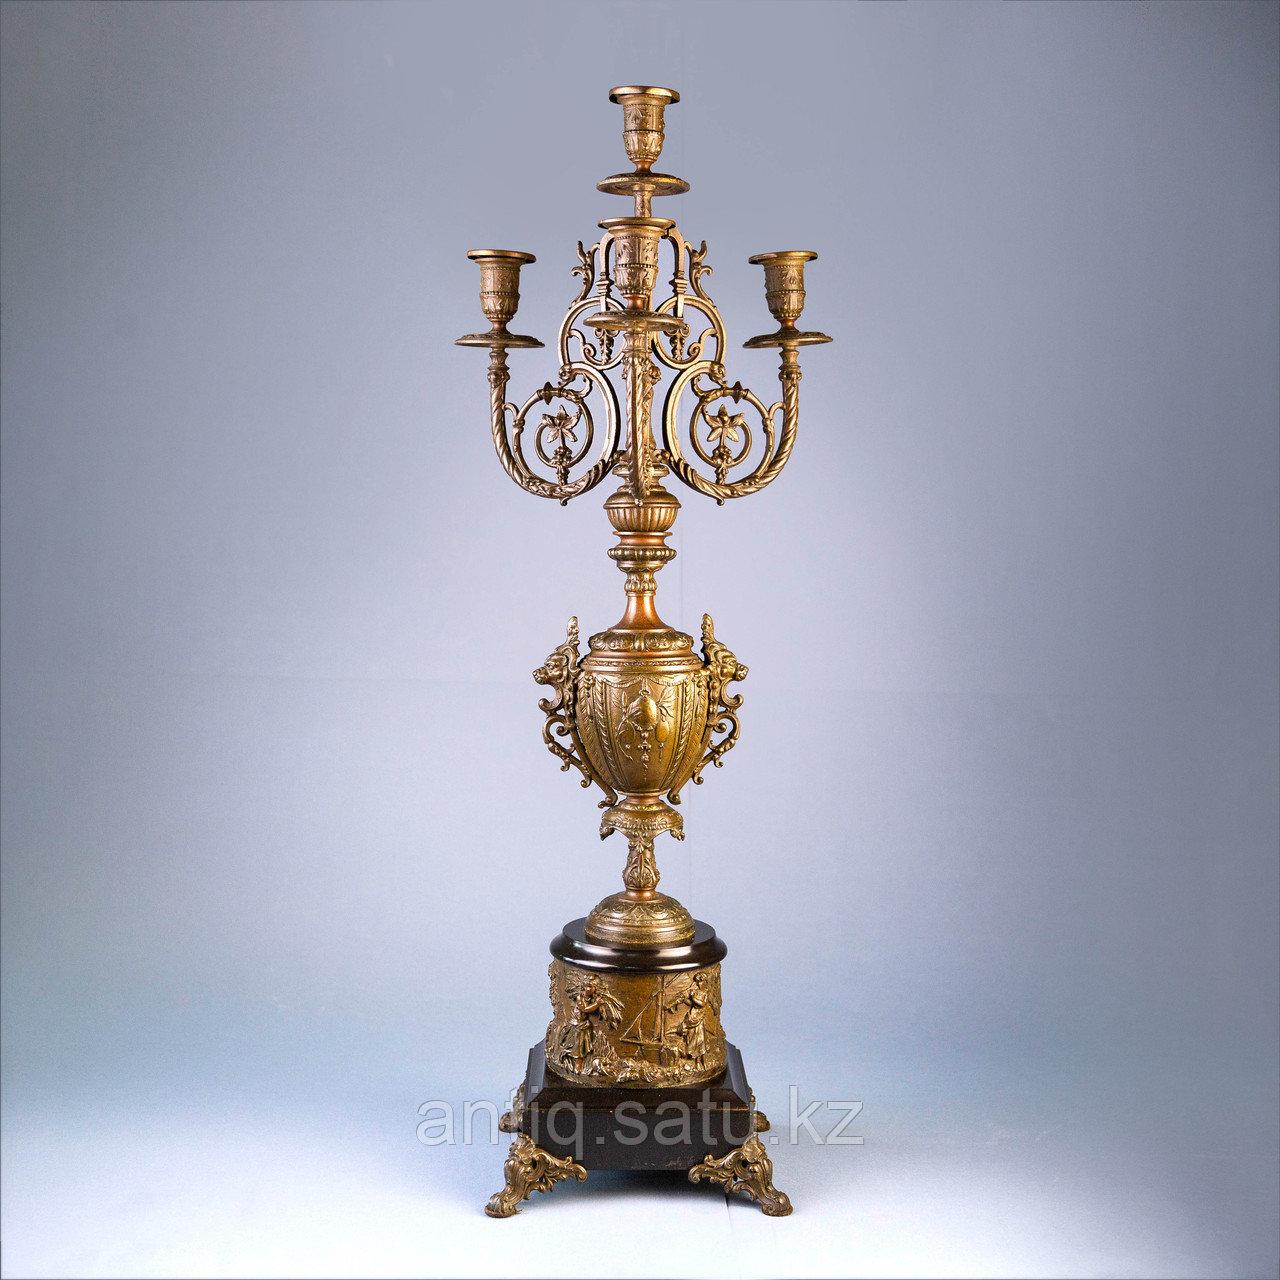 Монументальные канделябры в в стиле Императора Наполеона III Франция. II половина XIX века - фото 2